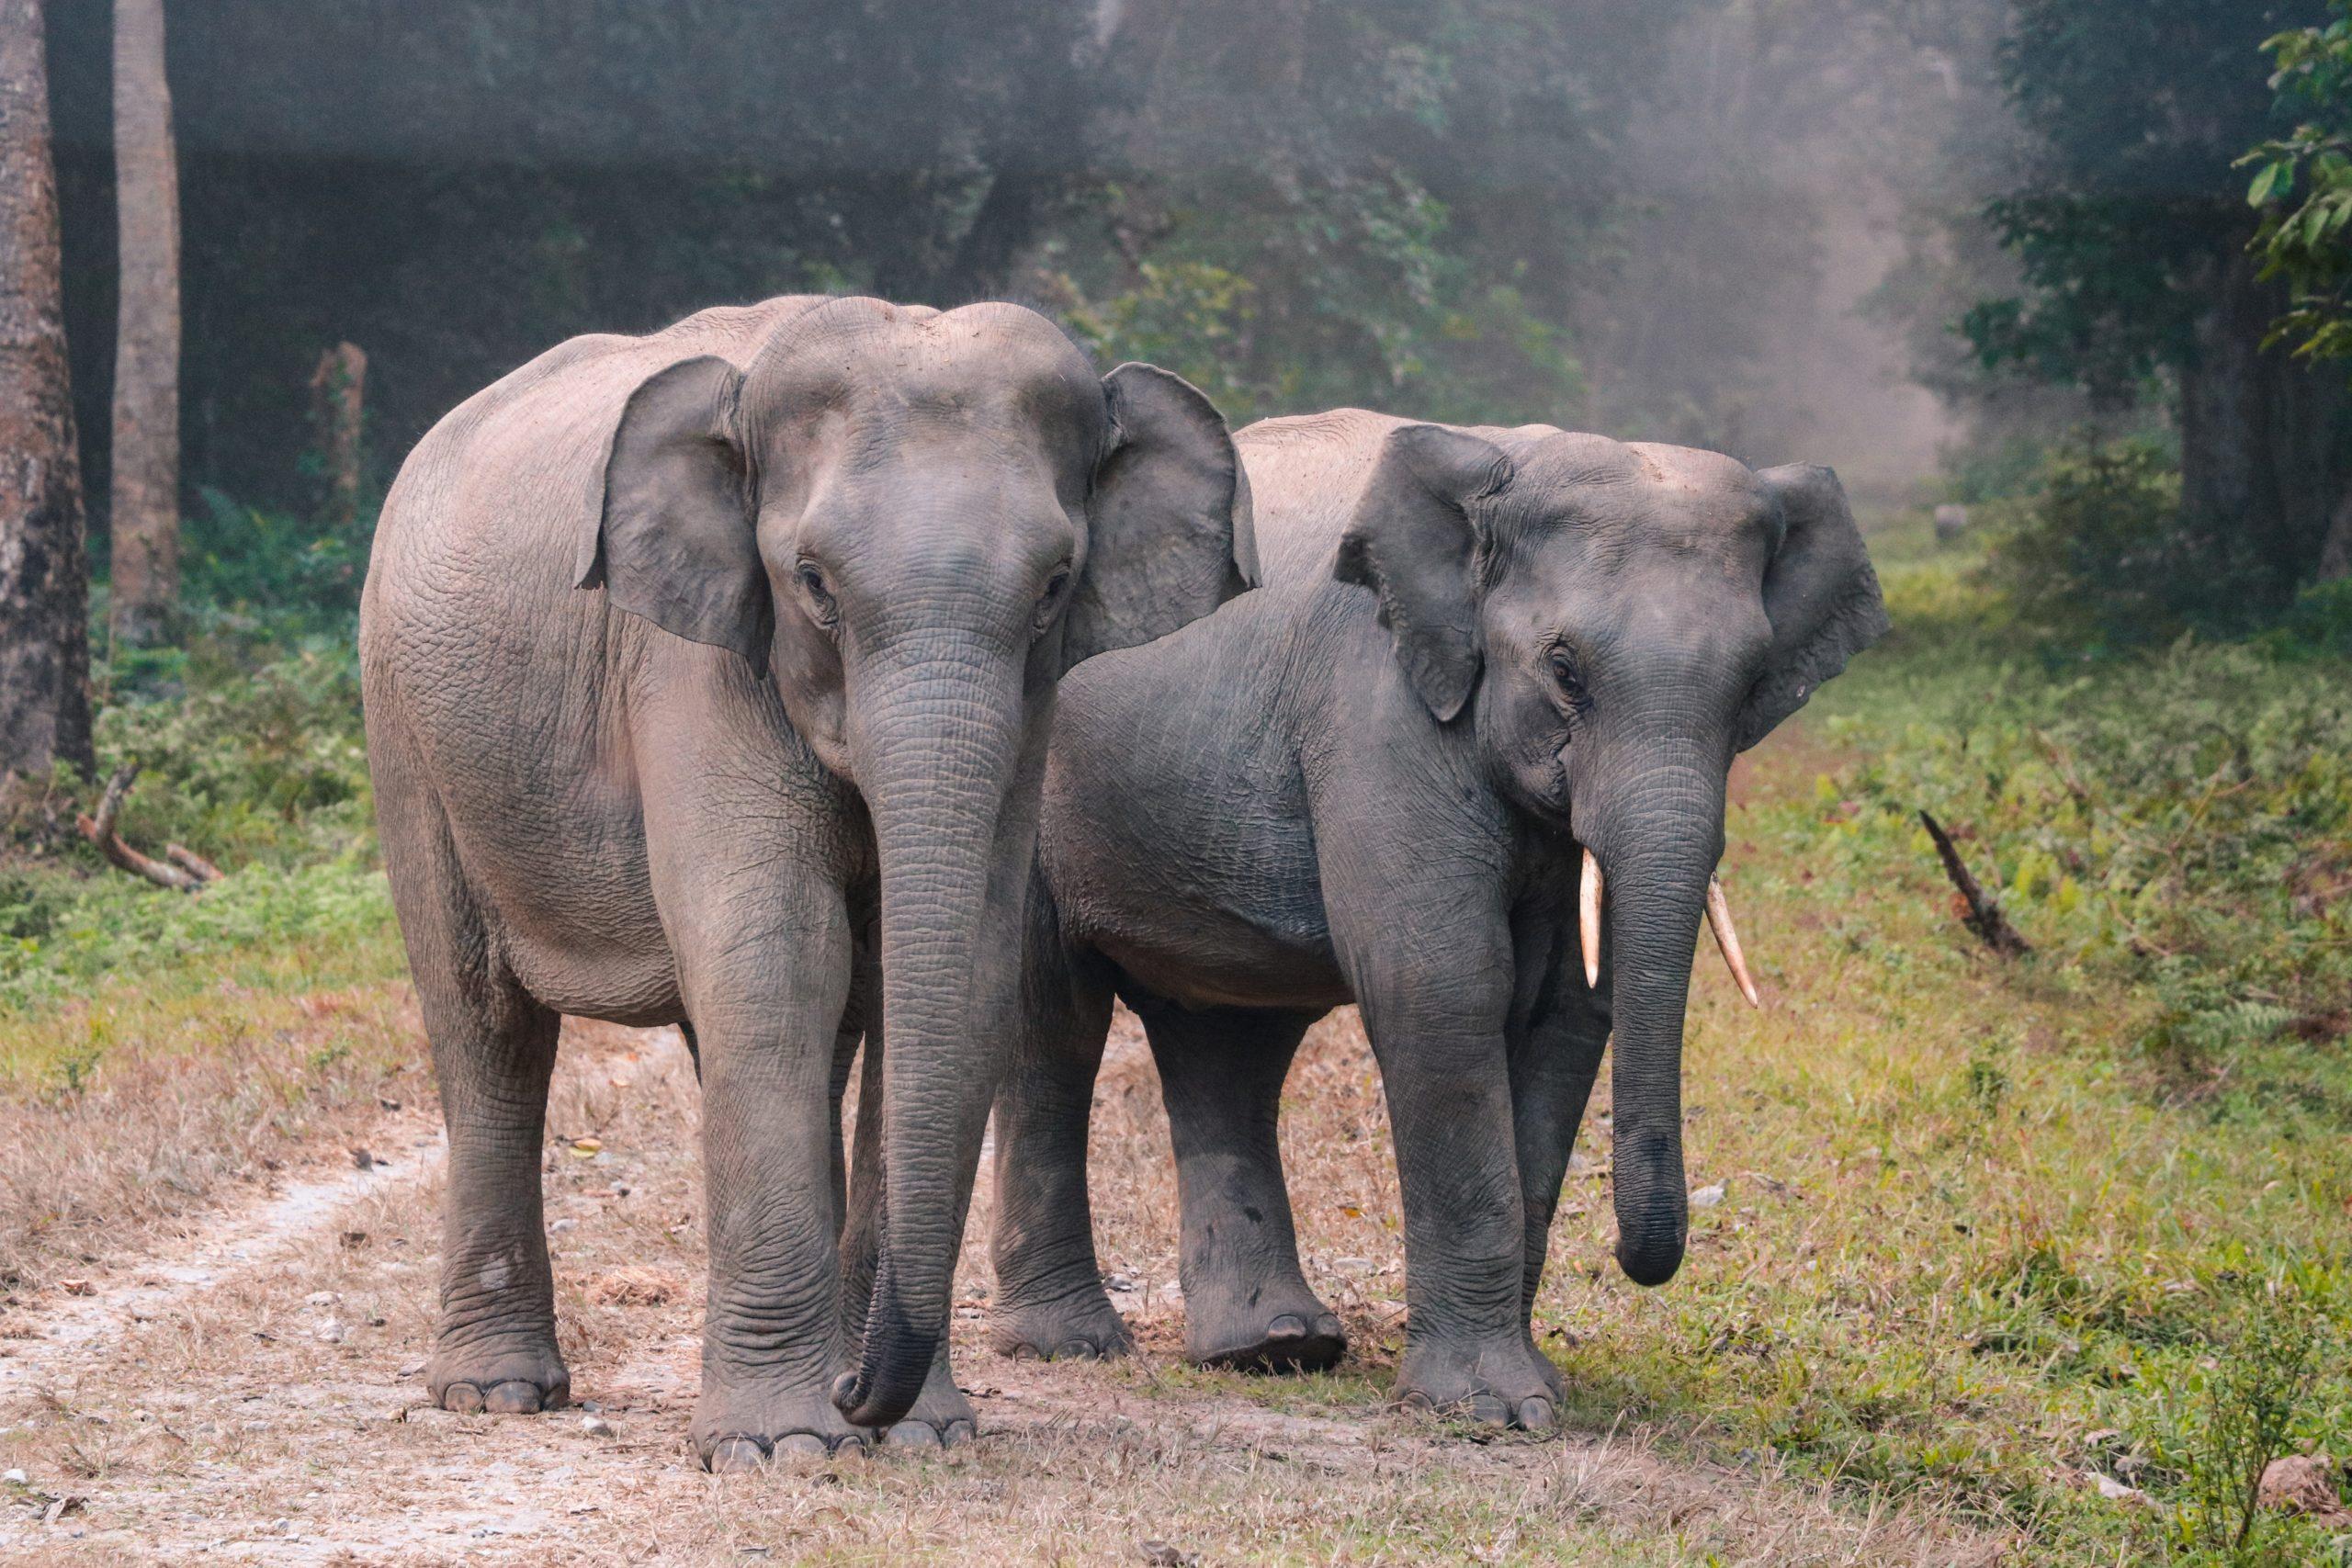 éléphants_asie_thaïlande_nature_sauvages_liberté